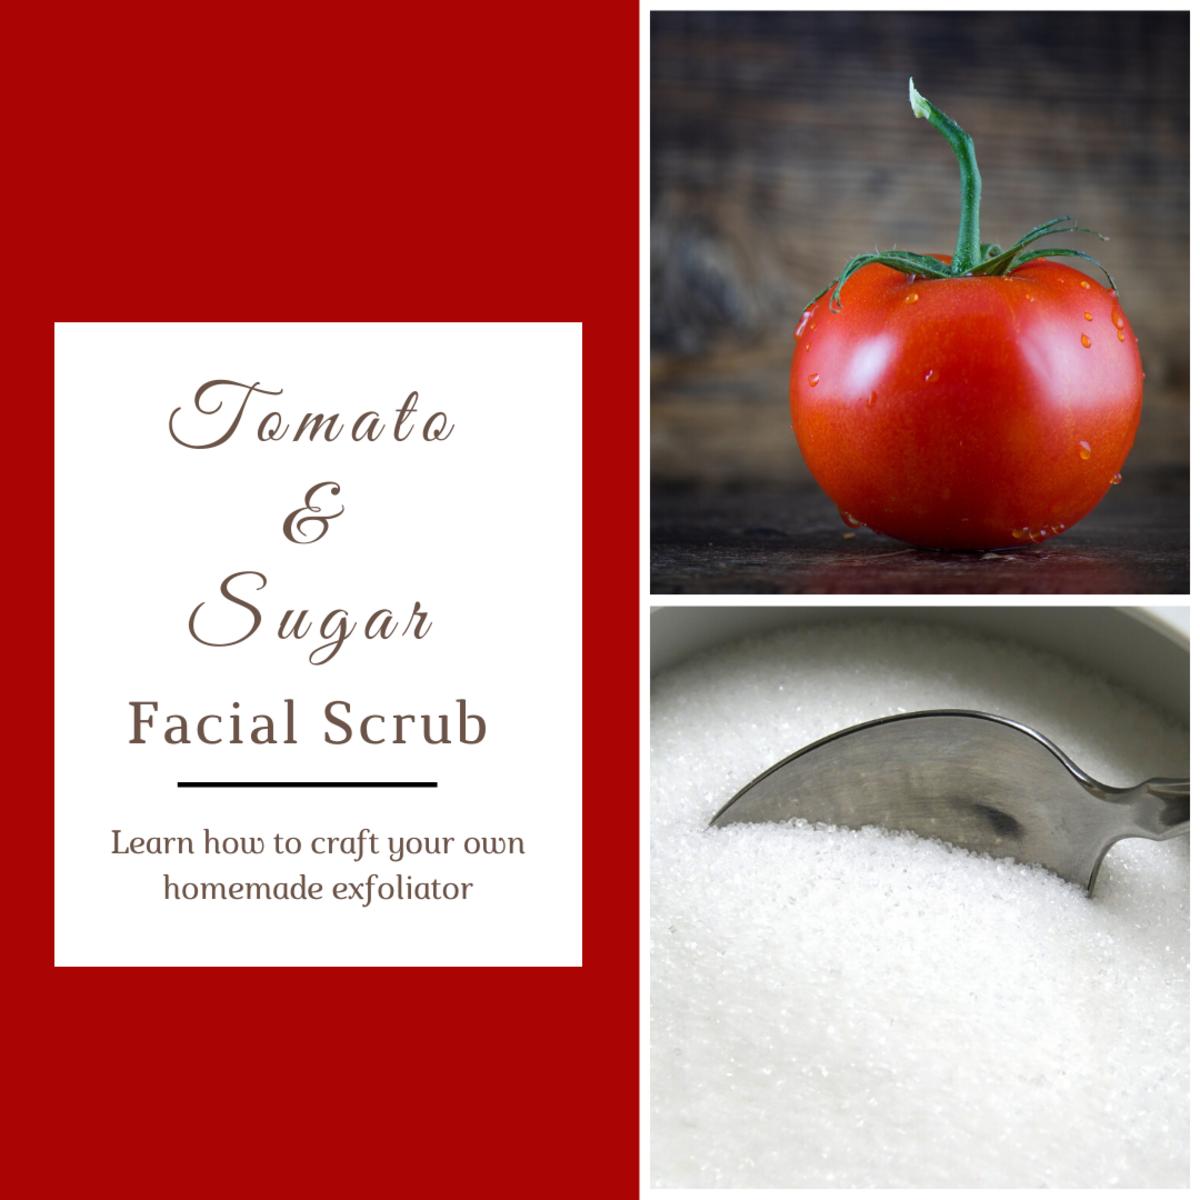 Tomato and Sugar Facial Scrub